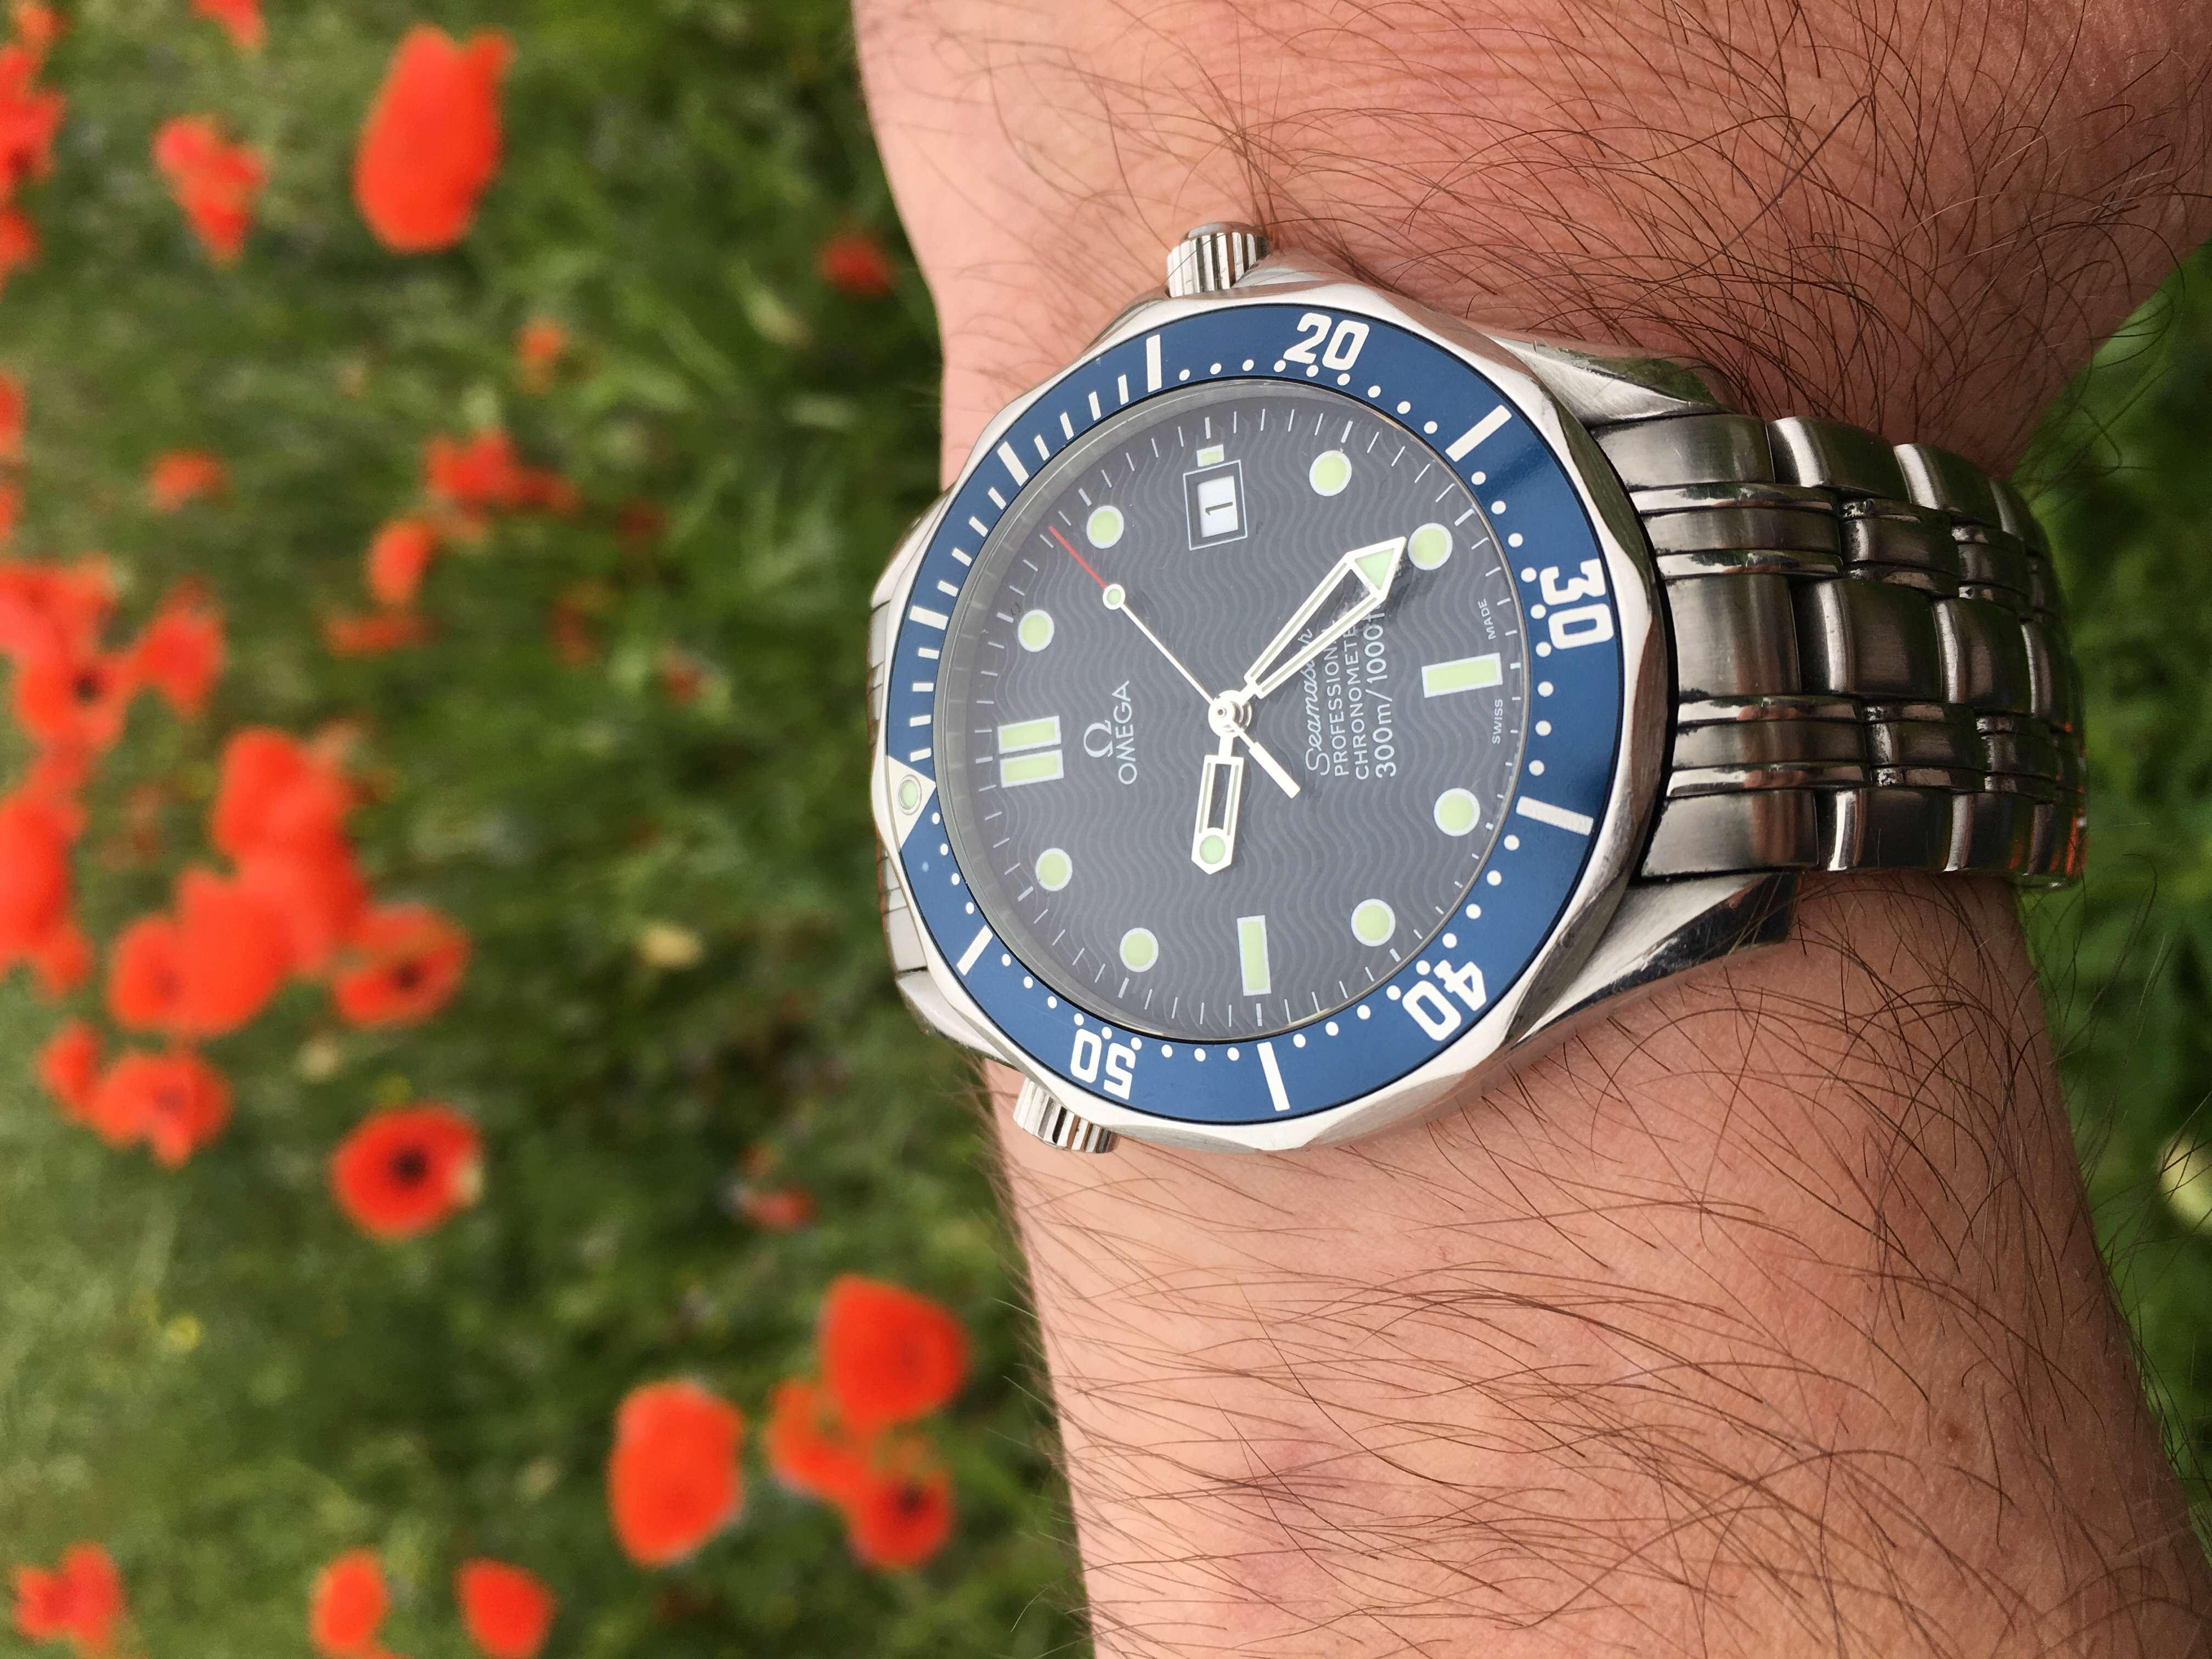 La montre du vendredi 1 juin 2018 Image36